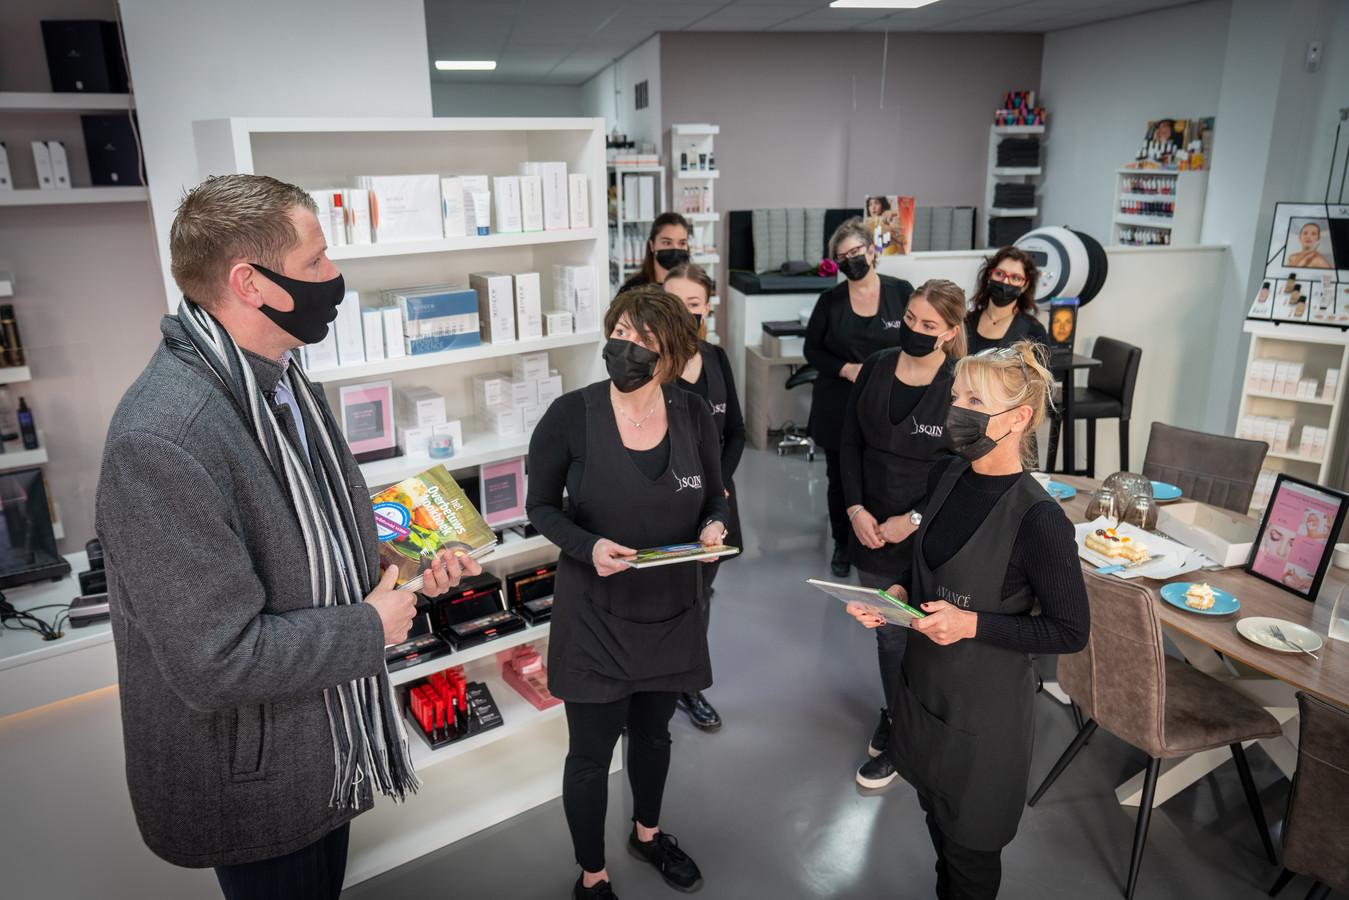 Wethouder Horsthuis-Tangelder kwam Carola Janssen (links) en Carin Teunissen (rechts) en hun personeel feliciteren met de heropening. Als cadeautje nam hij het Overbetuws Kookboek mee. ,,Ik ben blij dat er weer verruiming mogelijk is, maar we moeten ook voorzichtig blijven met dit virus.''